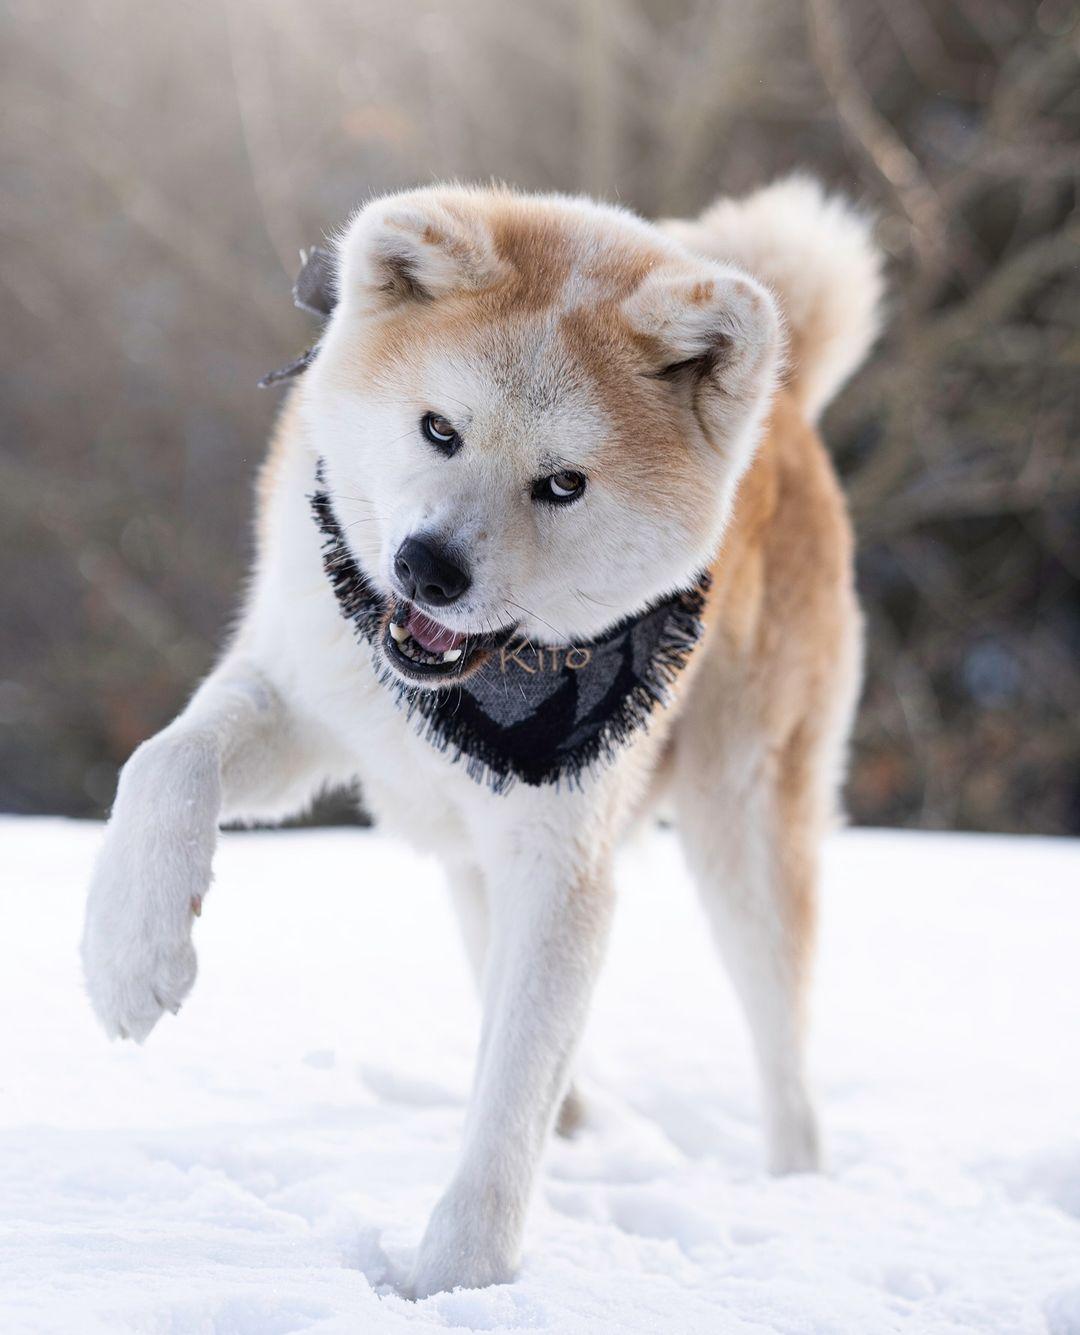 Giống chó trung thành nhất mà ai cũng muốn nhận nuôi!